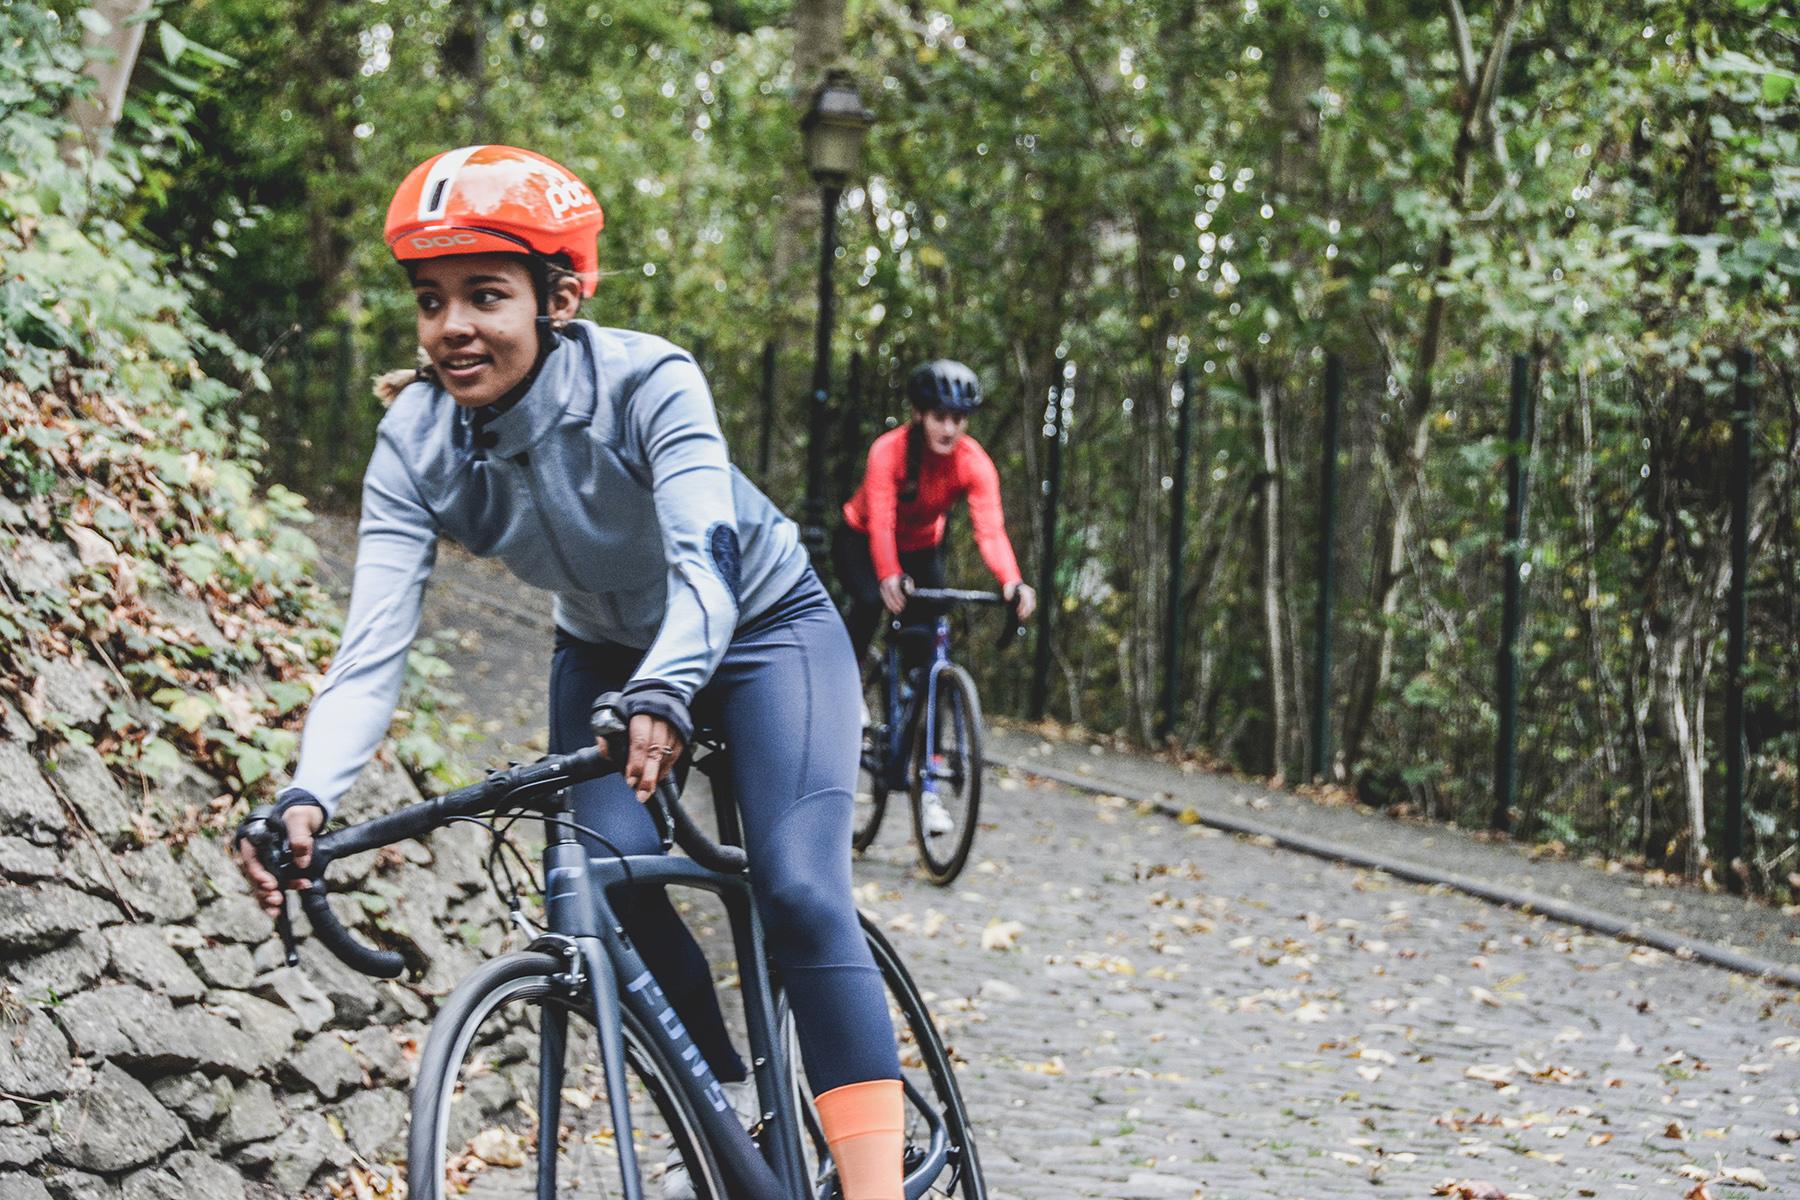 biking-unsplash-web|biking|biking|bike